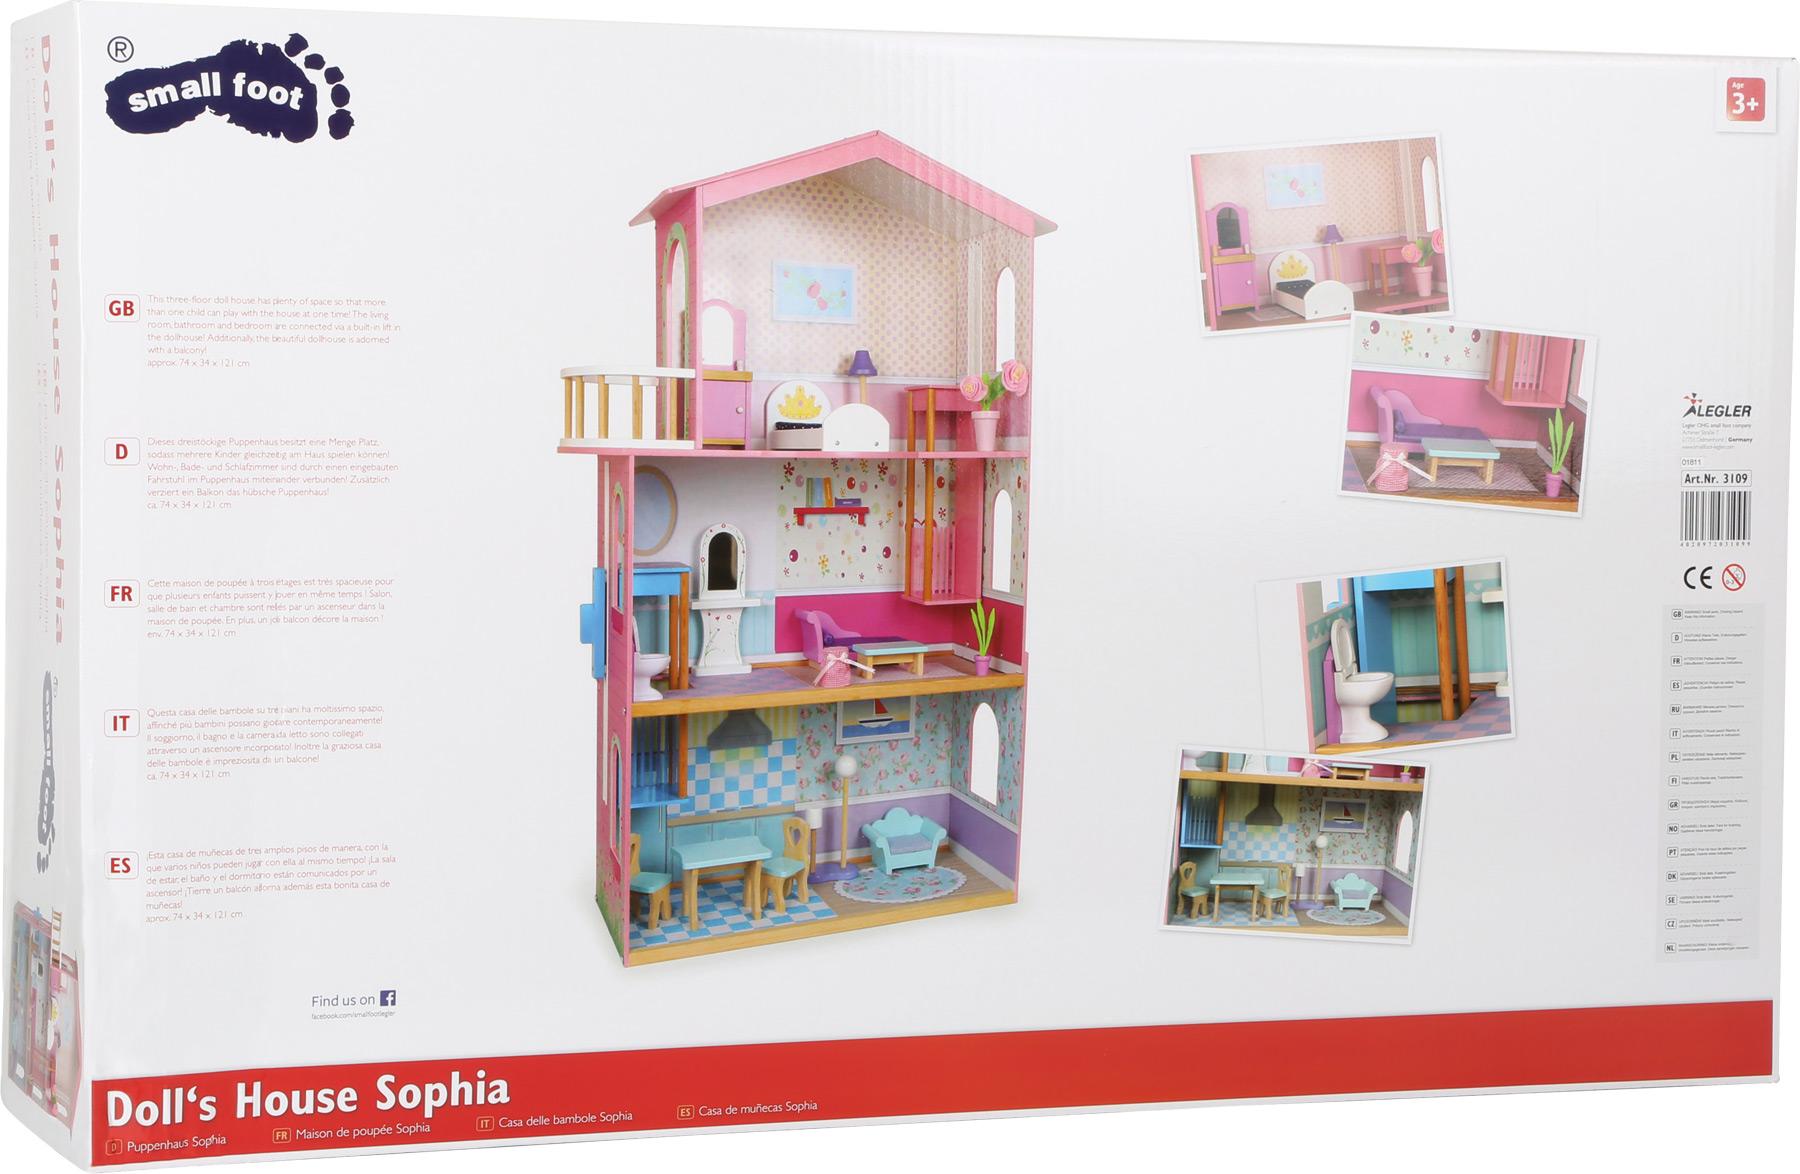 Doll s house sophia Sophia house